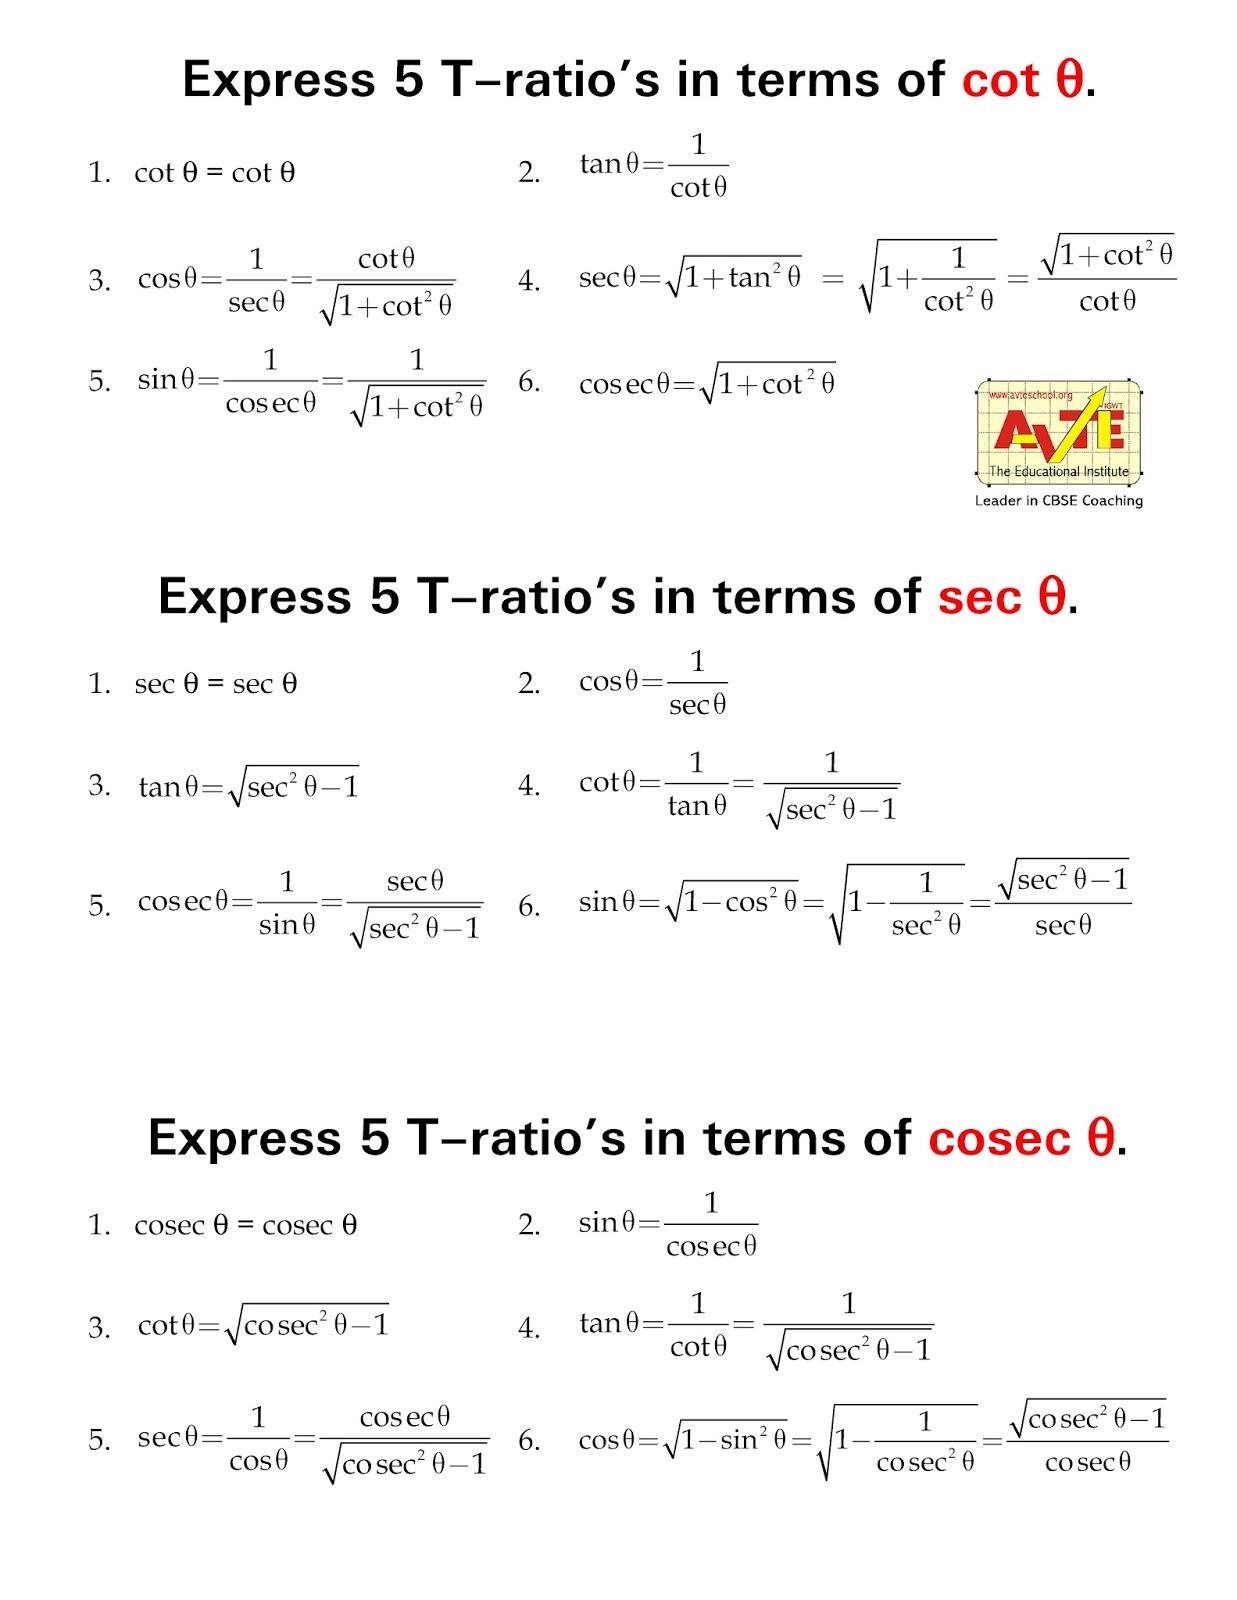 Maths4all Express Trigonometry Ratios In Terms Of Cot Sec Cosec